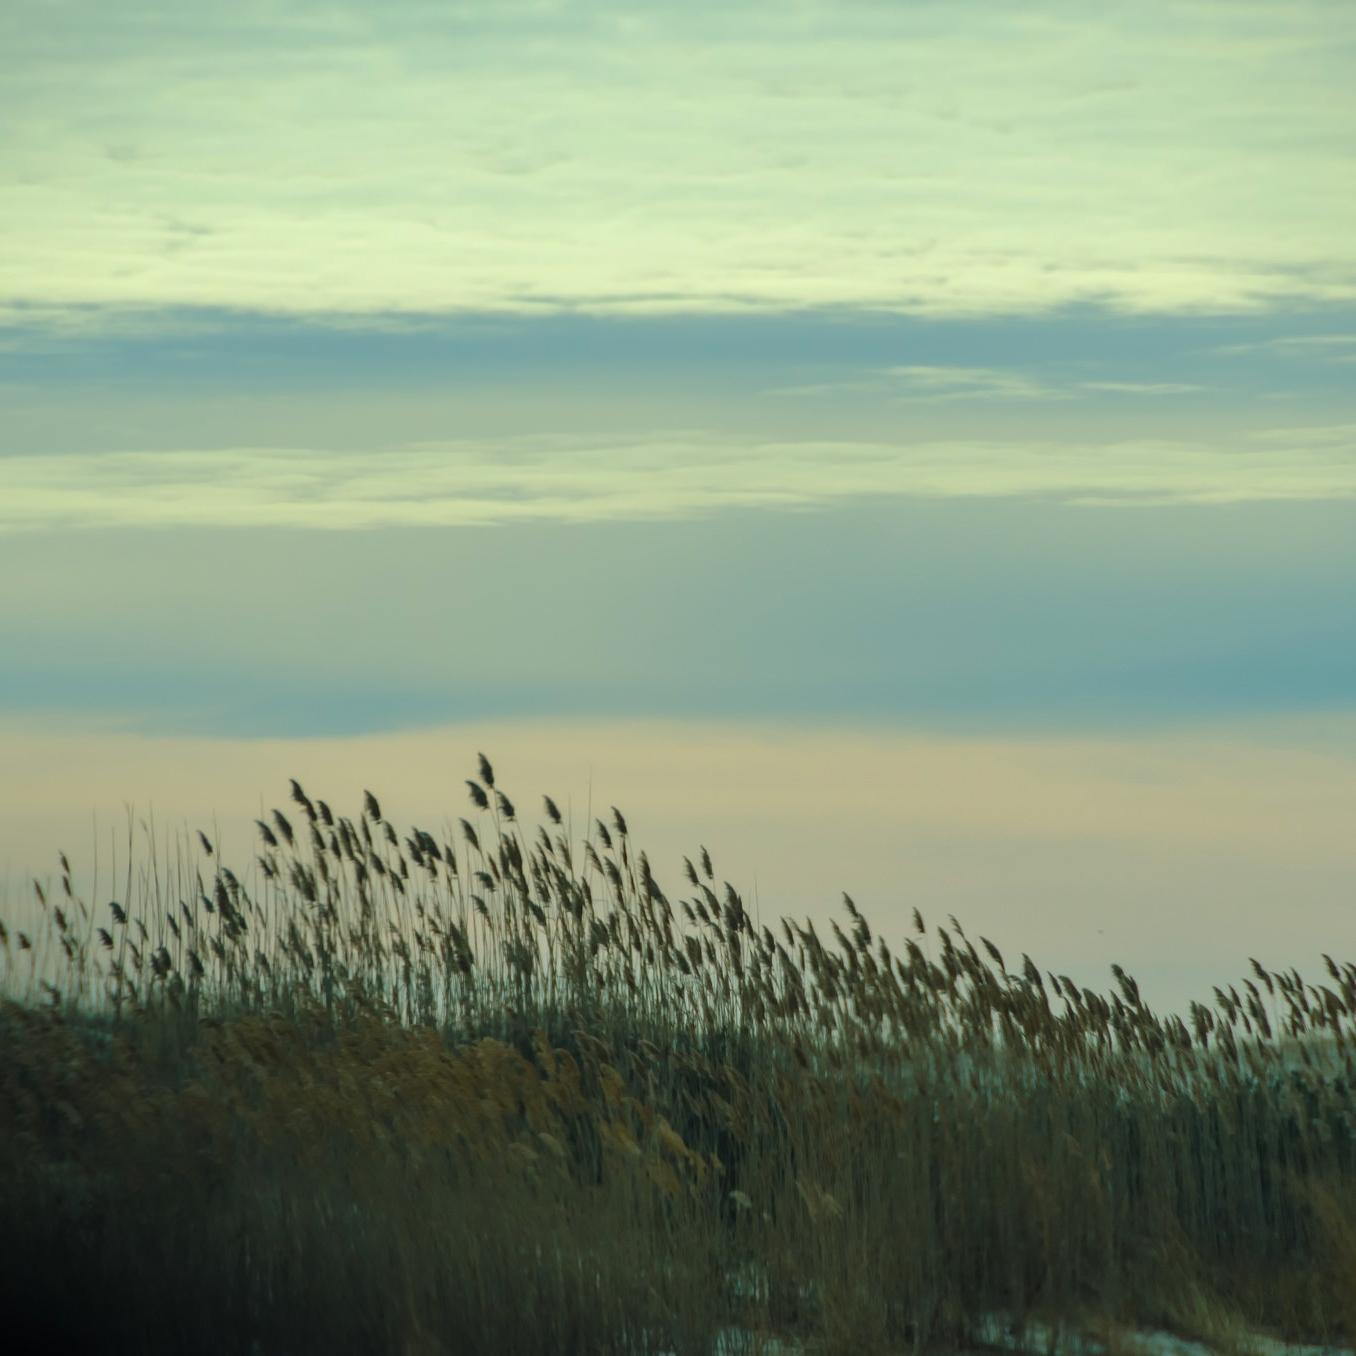 Windy Crutchfield -